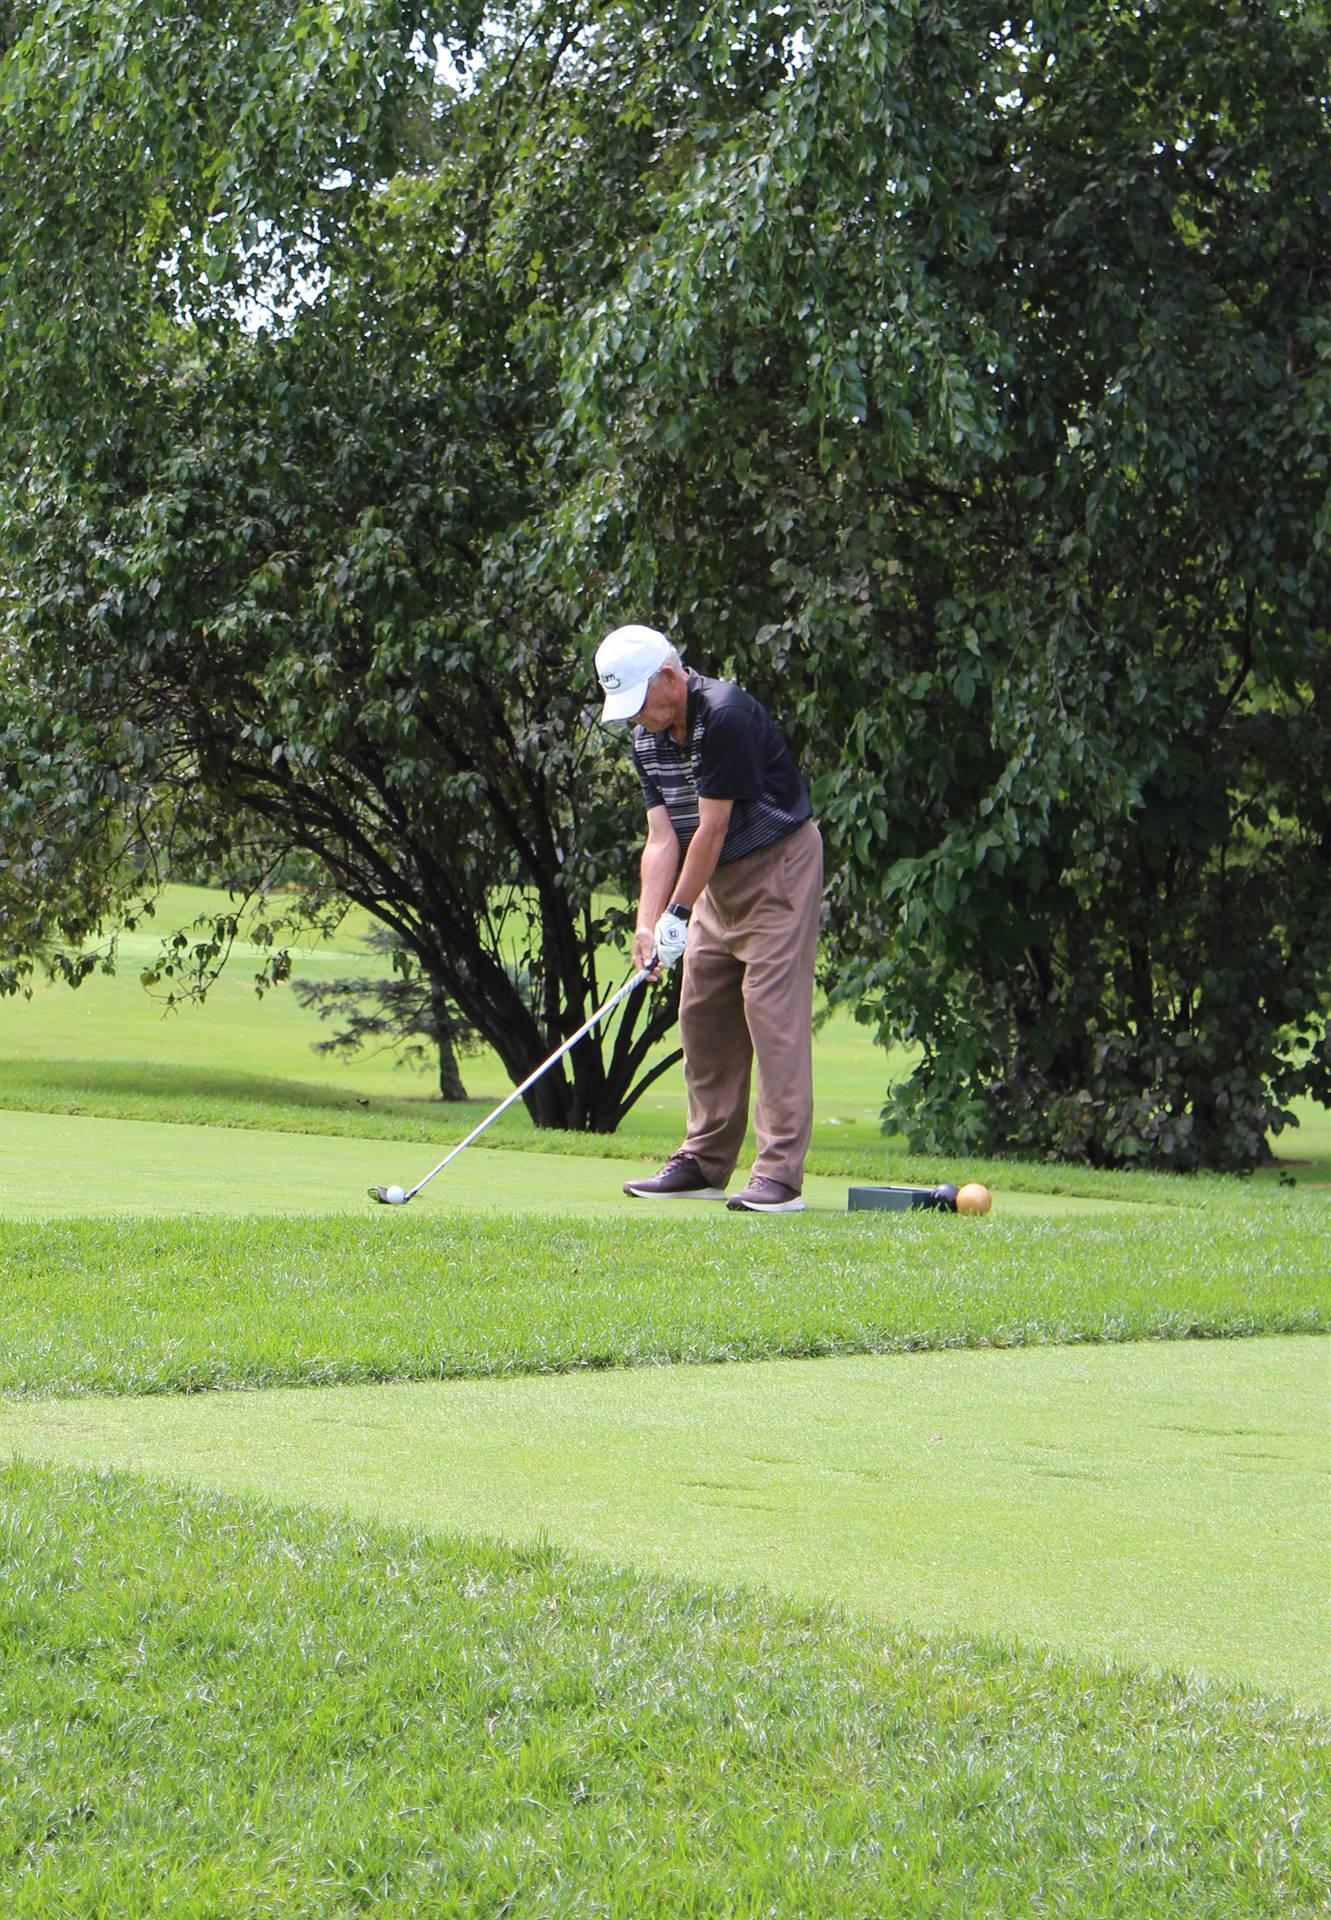 Golfer-at-Tee